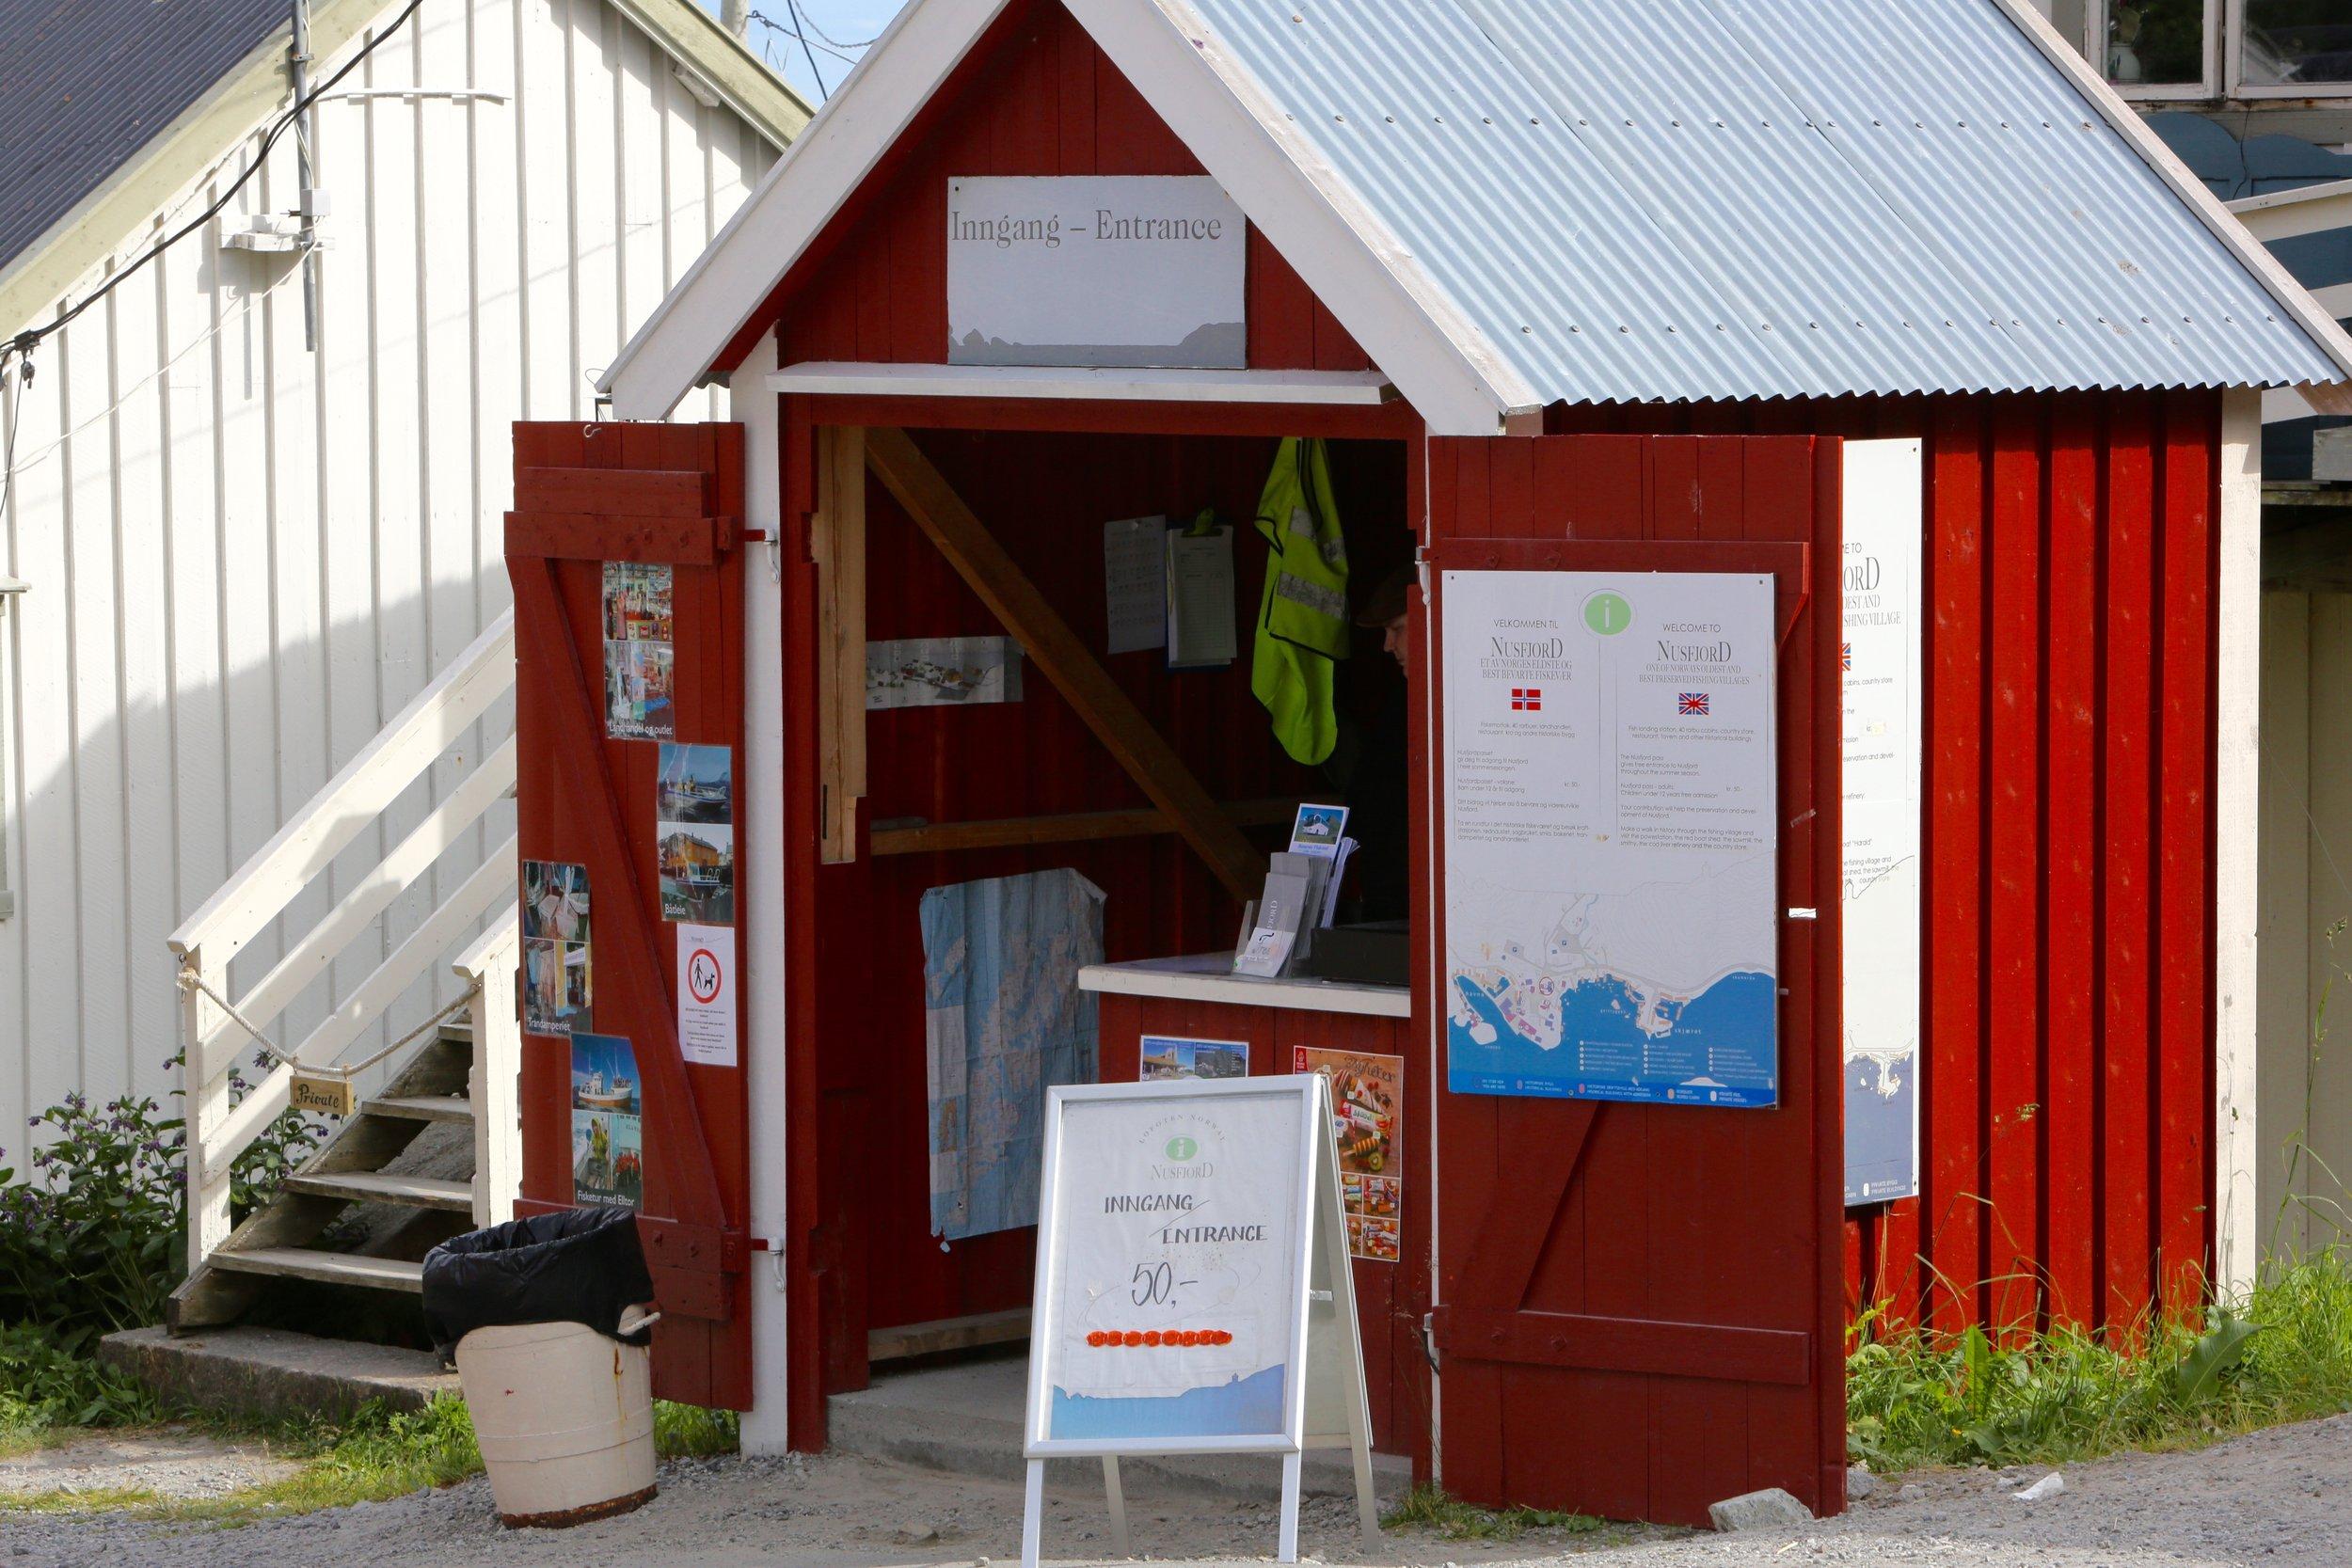 Nusfjord tar allerede i dag betalt for adgang til de fineste delene, men det ser ikke ut til å skremme mange.  Dermed faller kanskje bekymringsargumentet som mange bruker mot turistskatt i Norge. Foto: Odd Roar Lange